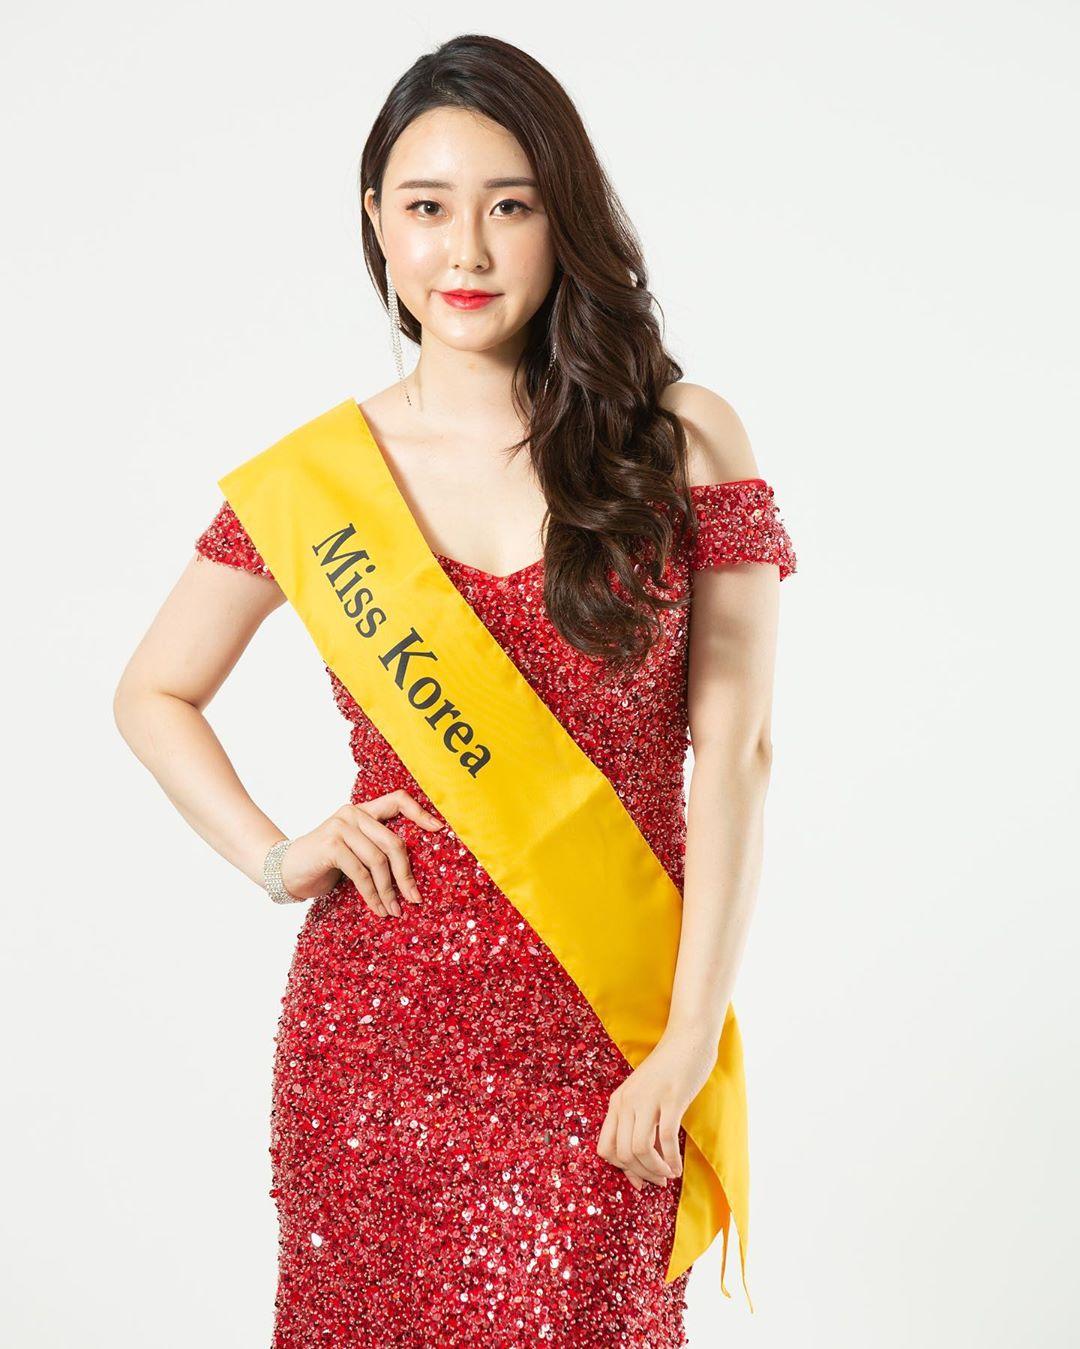 miss latvia vence miss great 2019. 1kOdqa